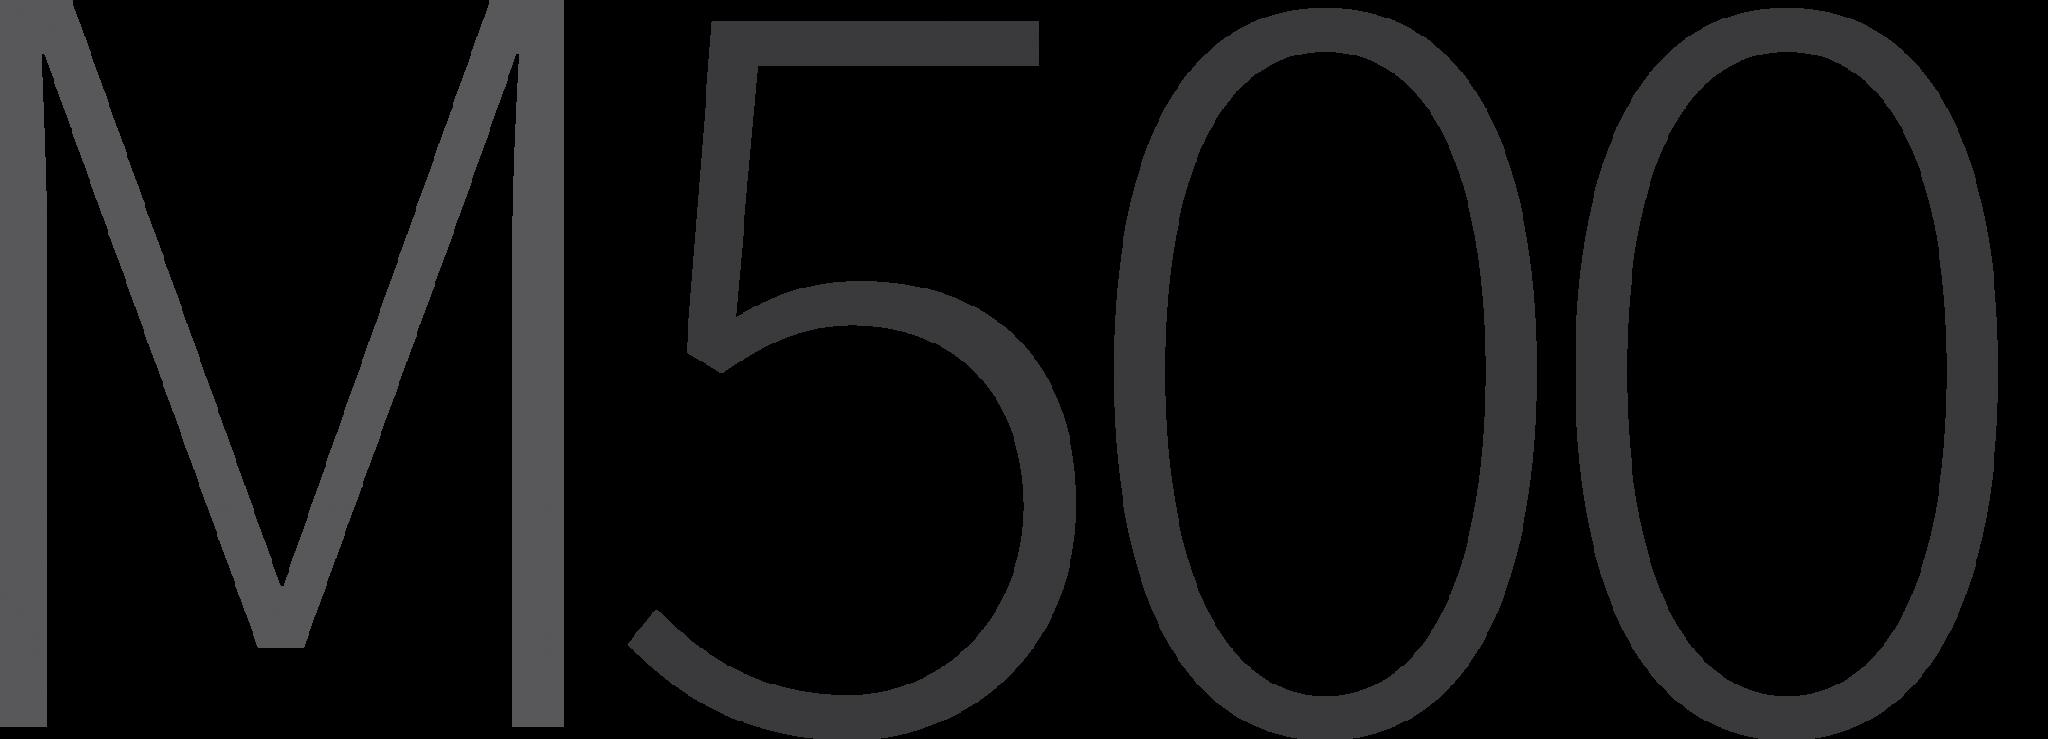 Piper M500 logo